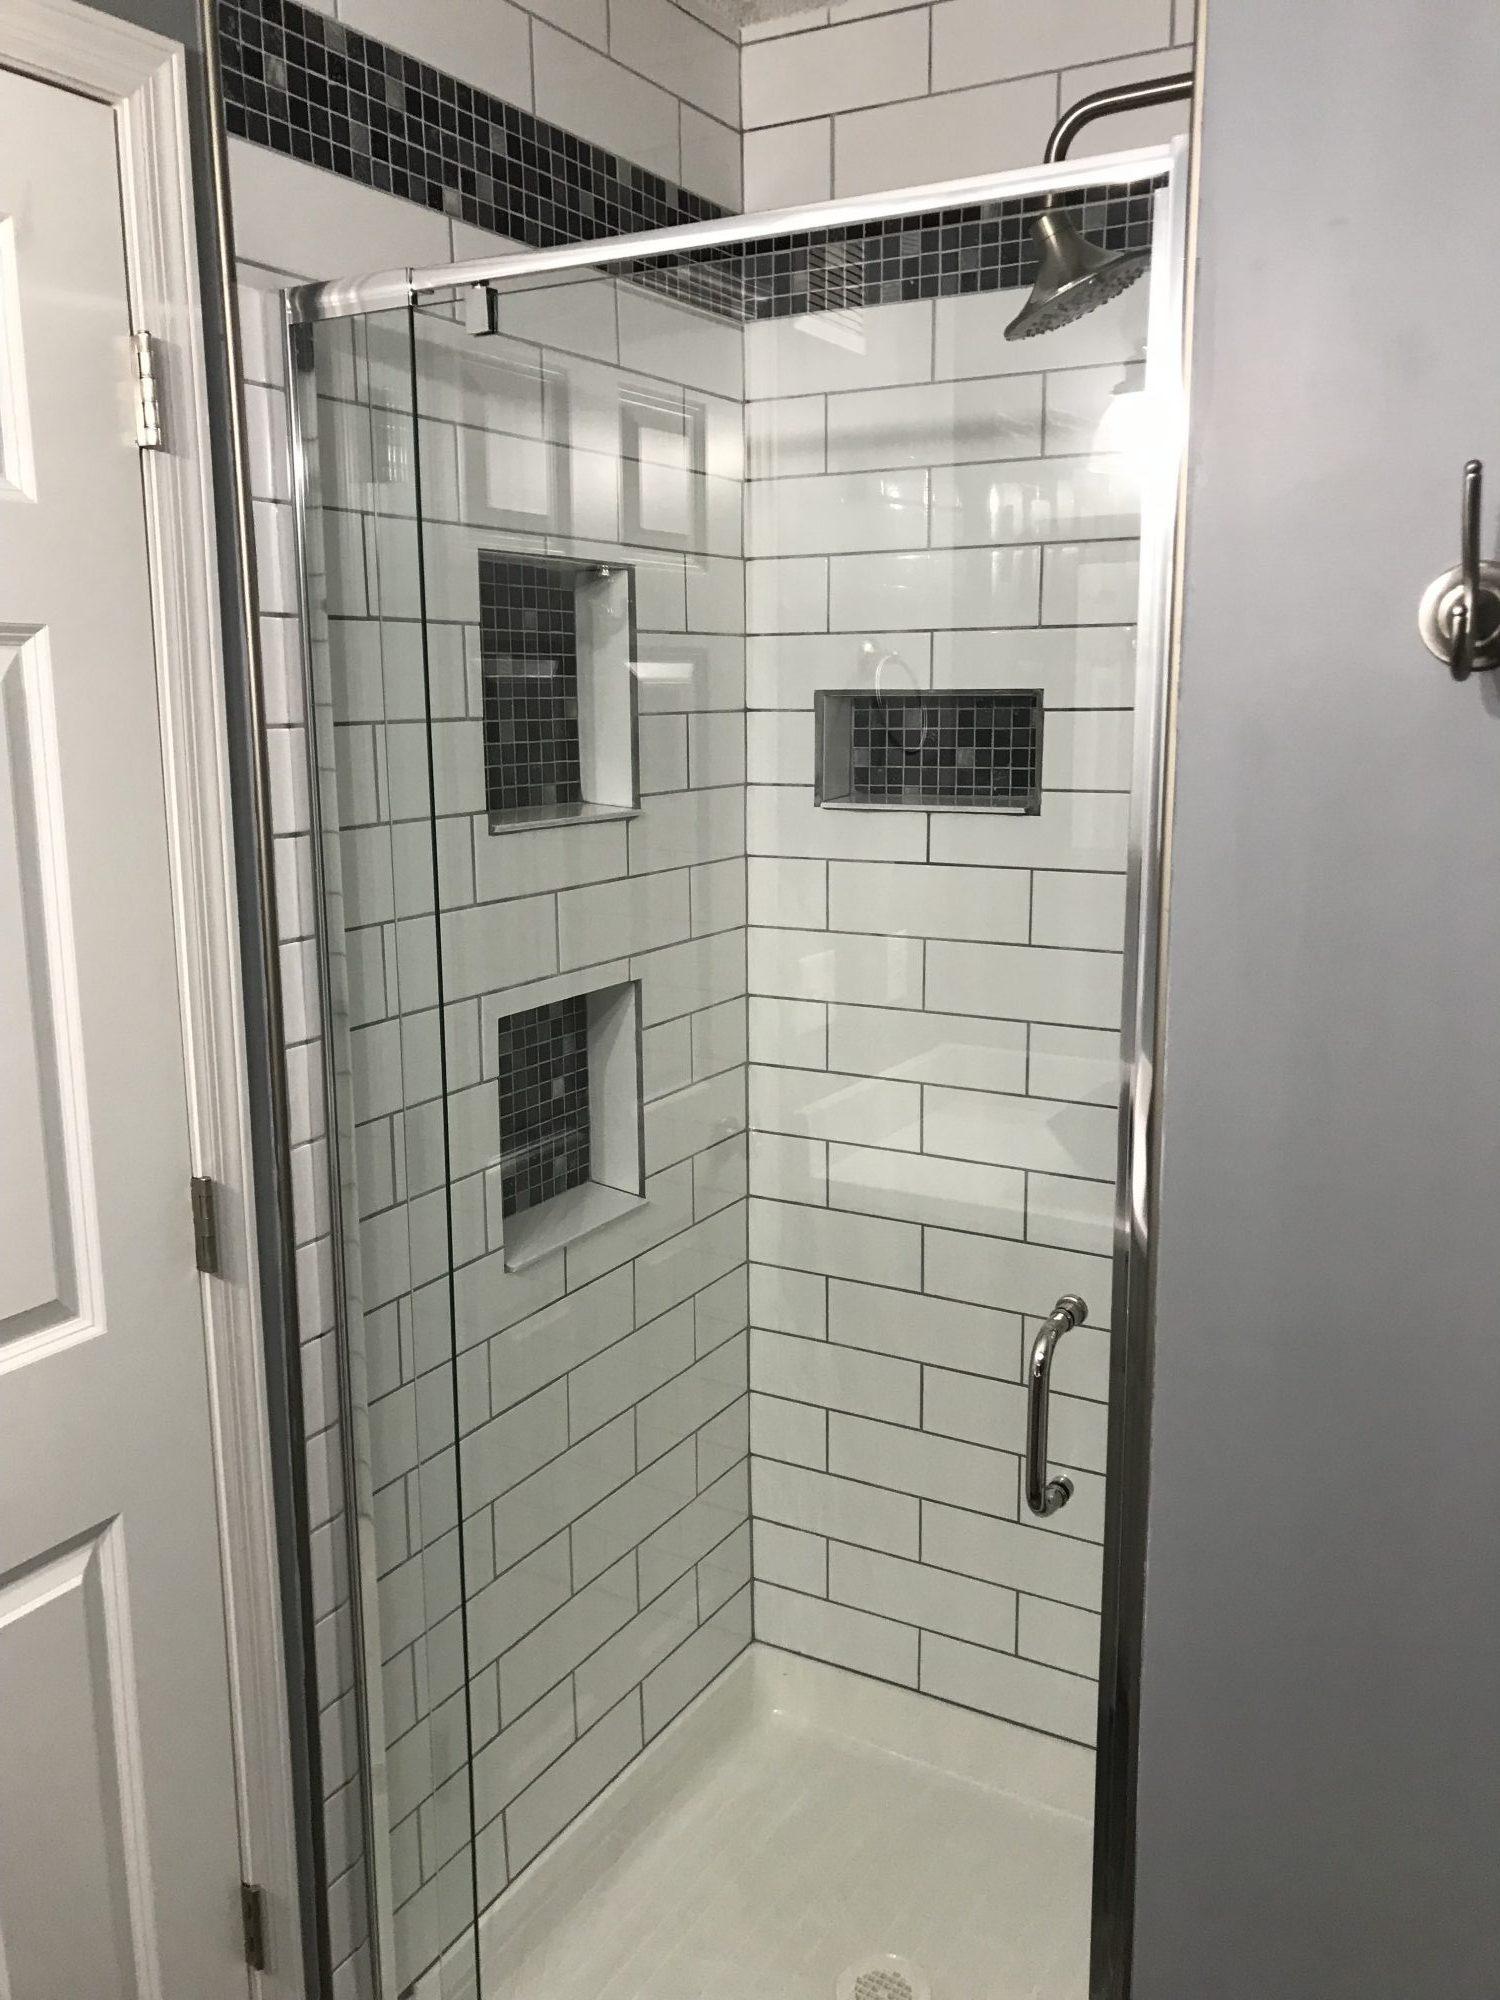 Tile Shower Glass Door